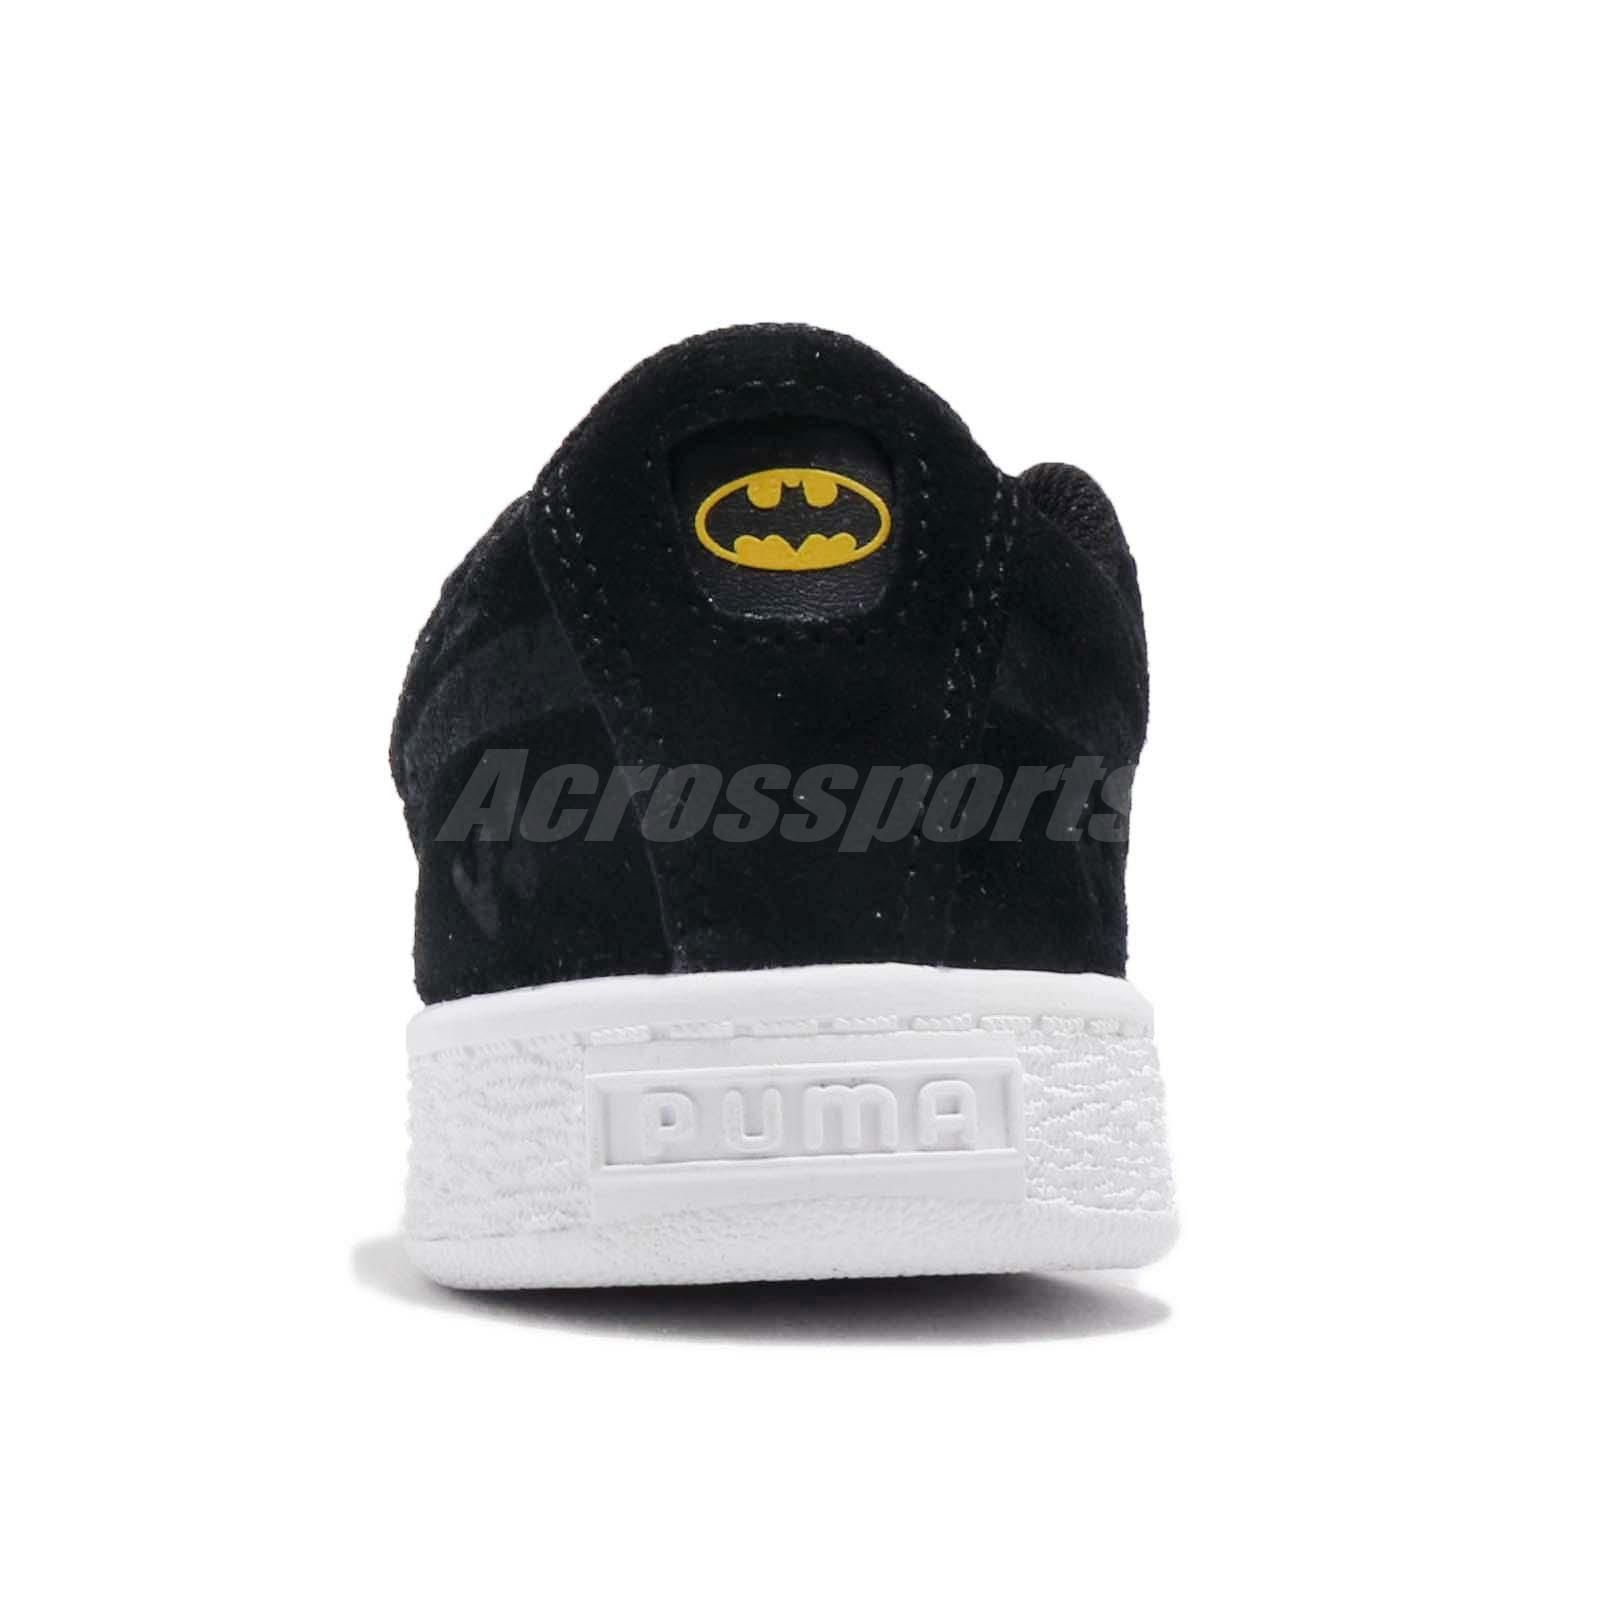 05ffce11faf097 Puma JL Suede AOP V PS Justice League Batman Black Kid Preschool ...